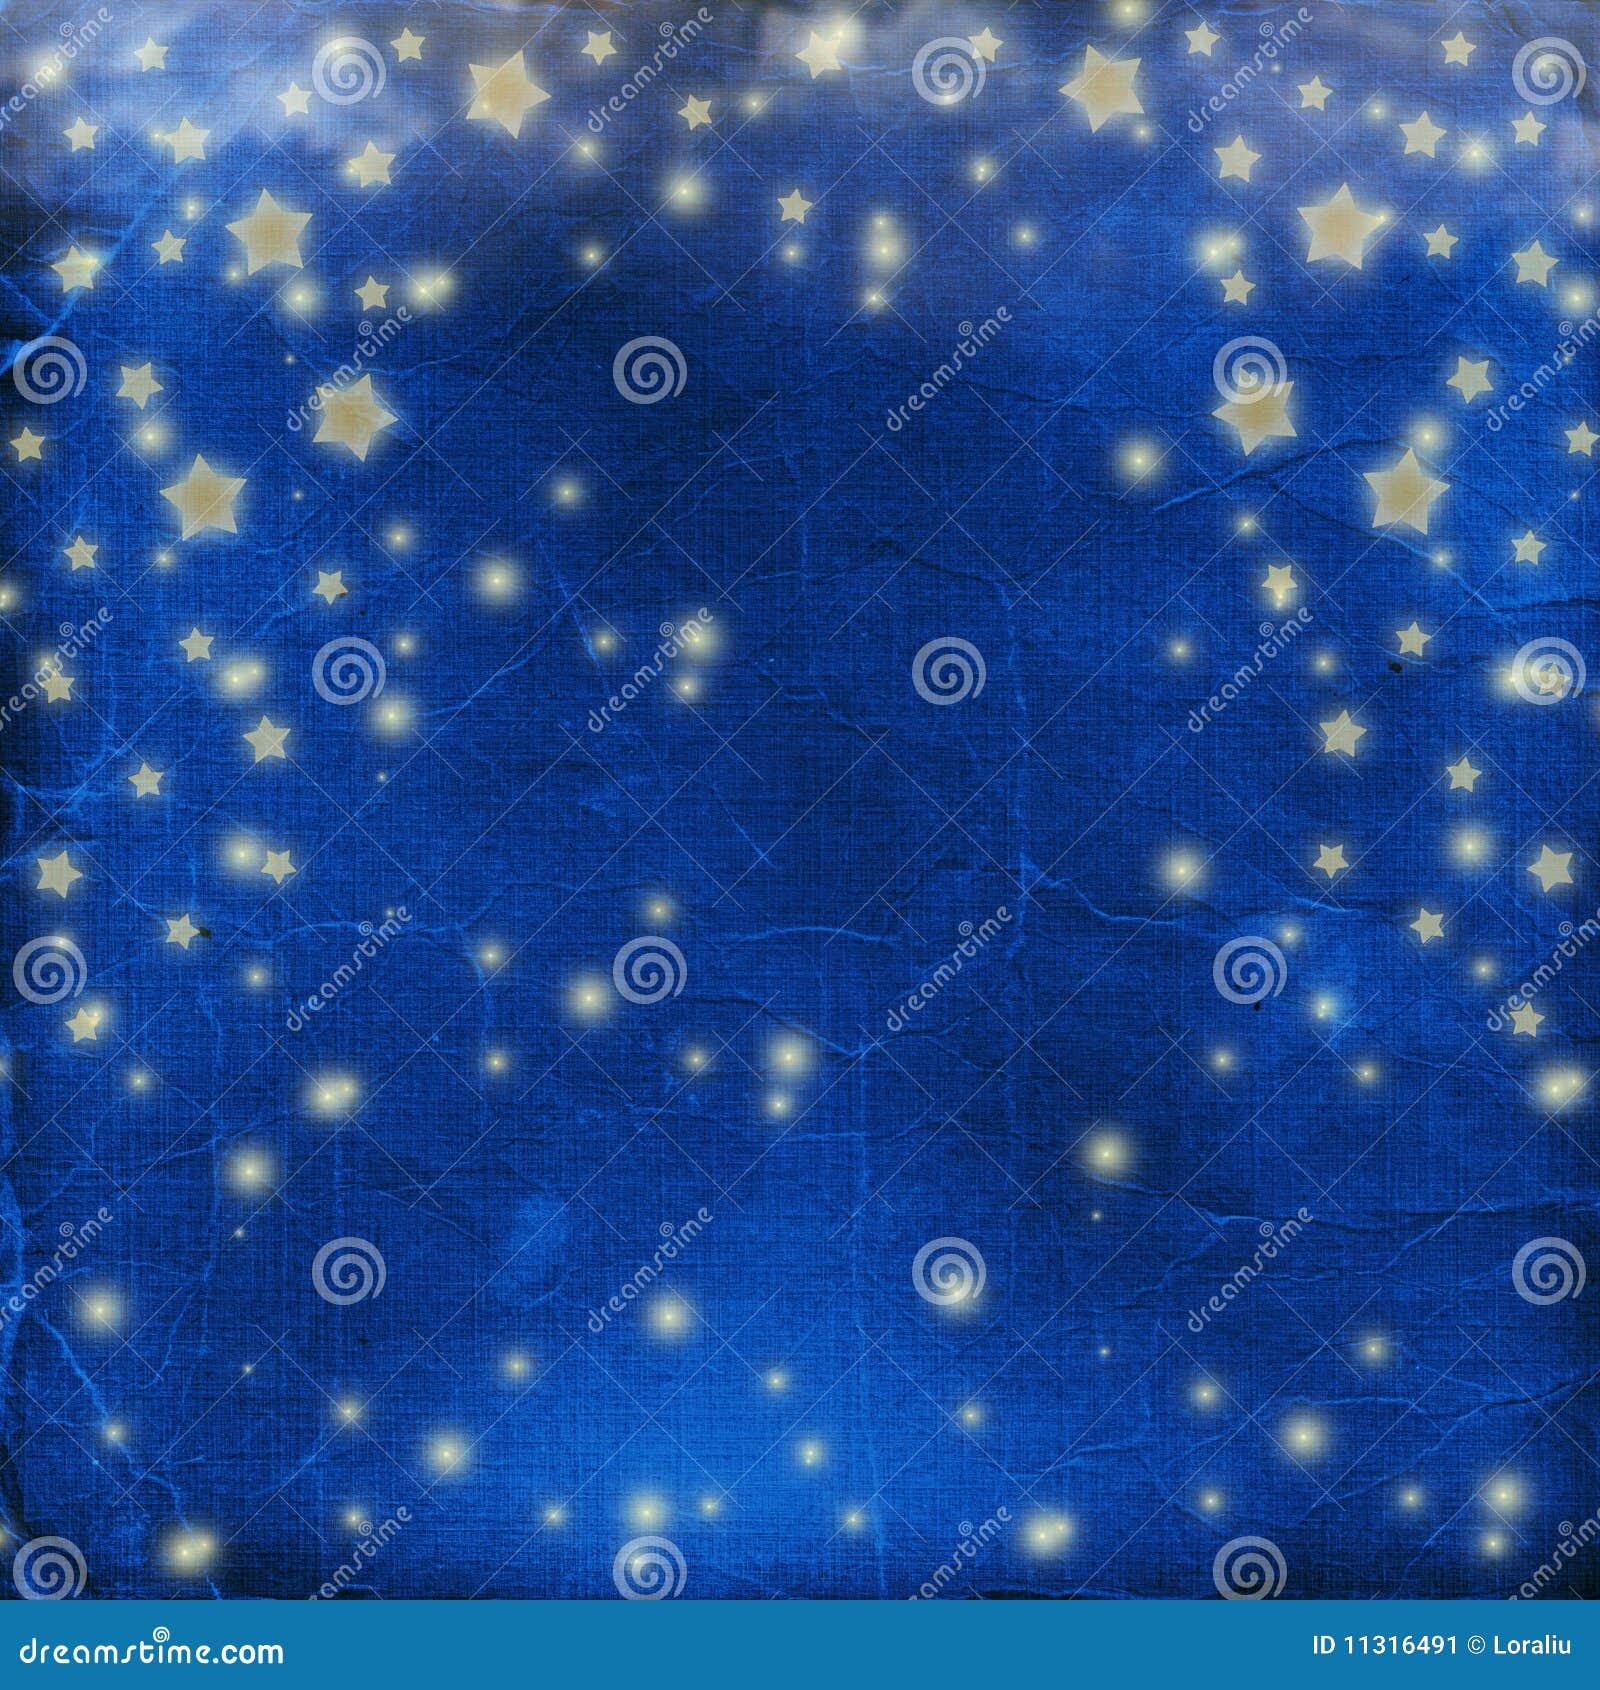 Blauer freundlicher Hintergrund mit Sternen